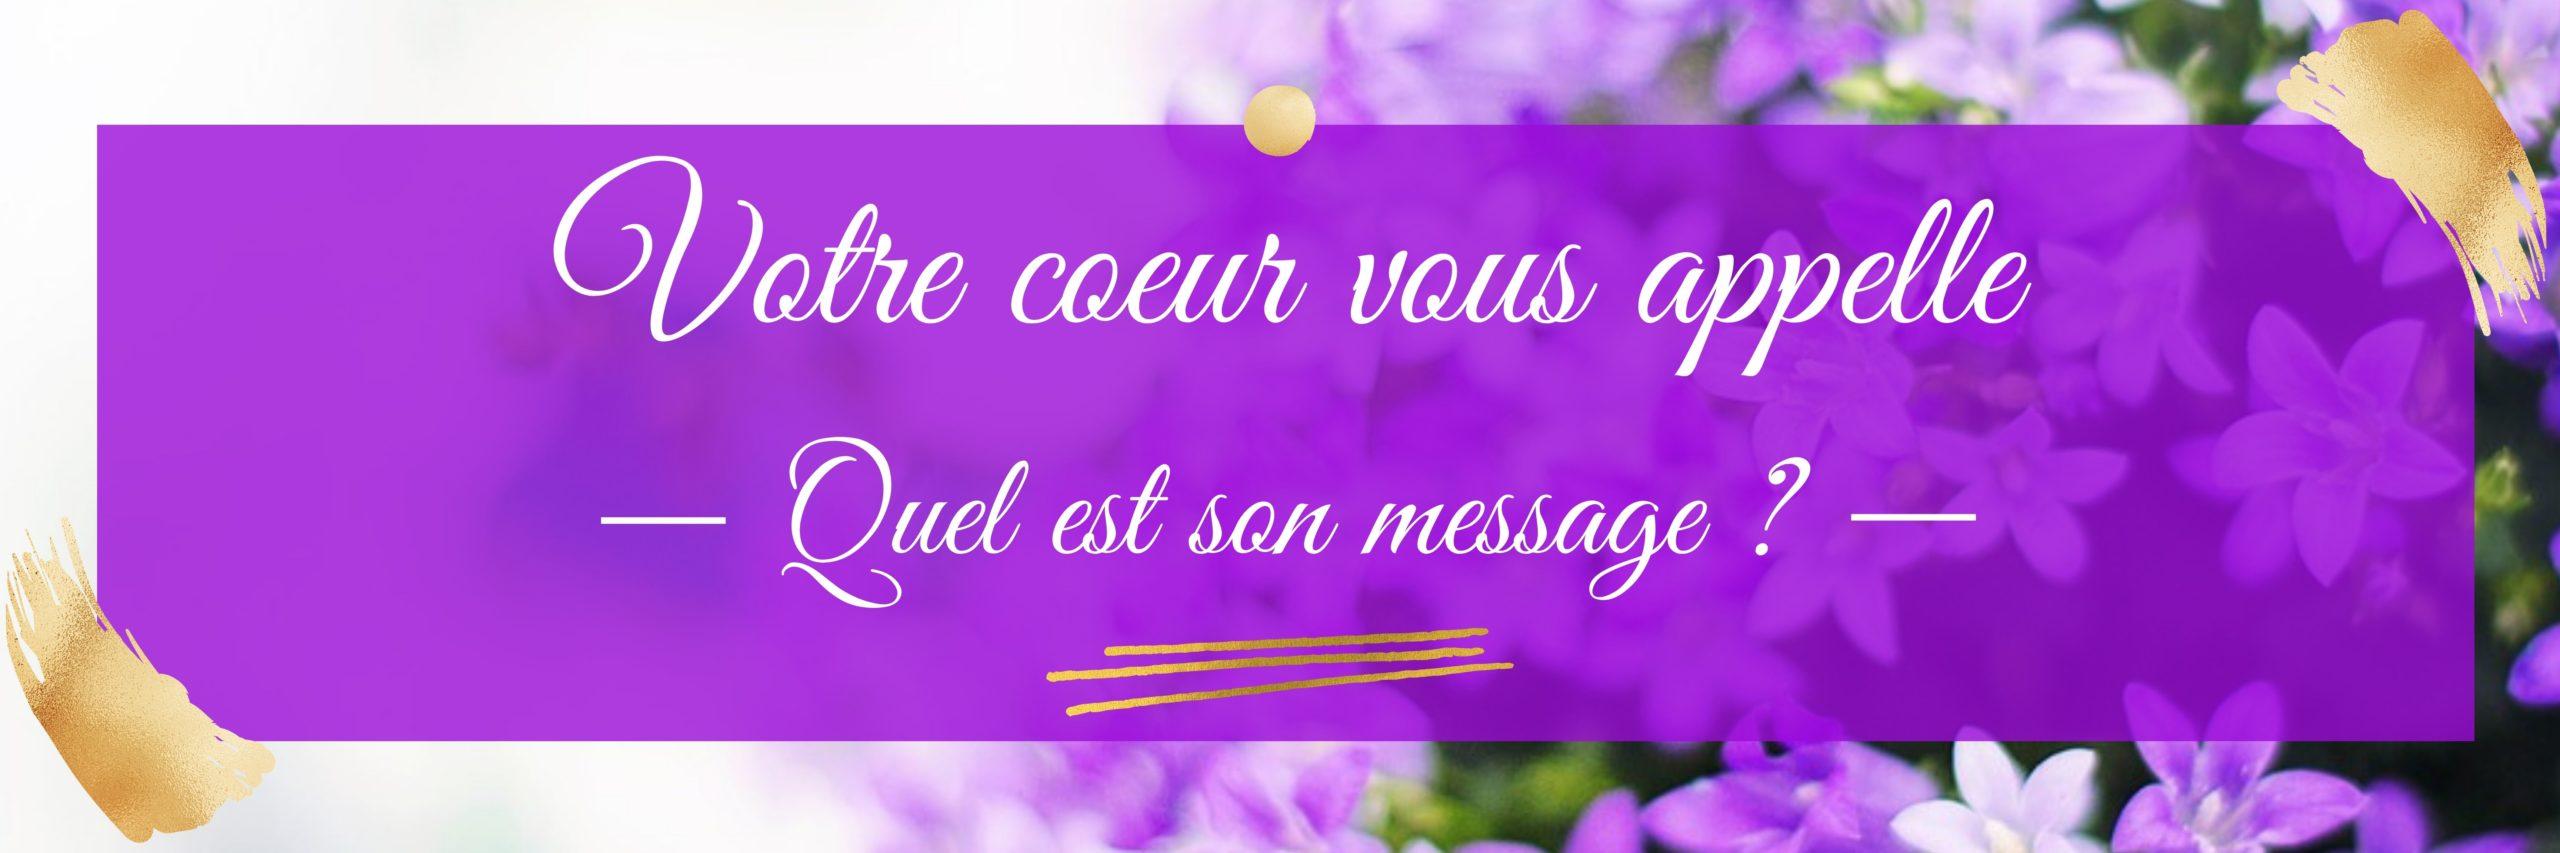 Céline Vincent, médium, énergéticienne, relation d'aide, bretagne, saint-brieuc, ploeuc, bannière Site